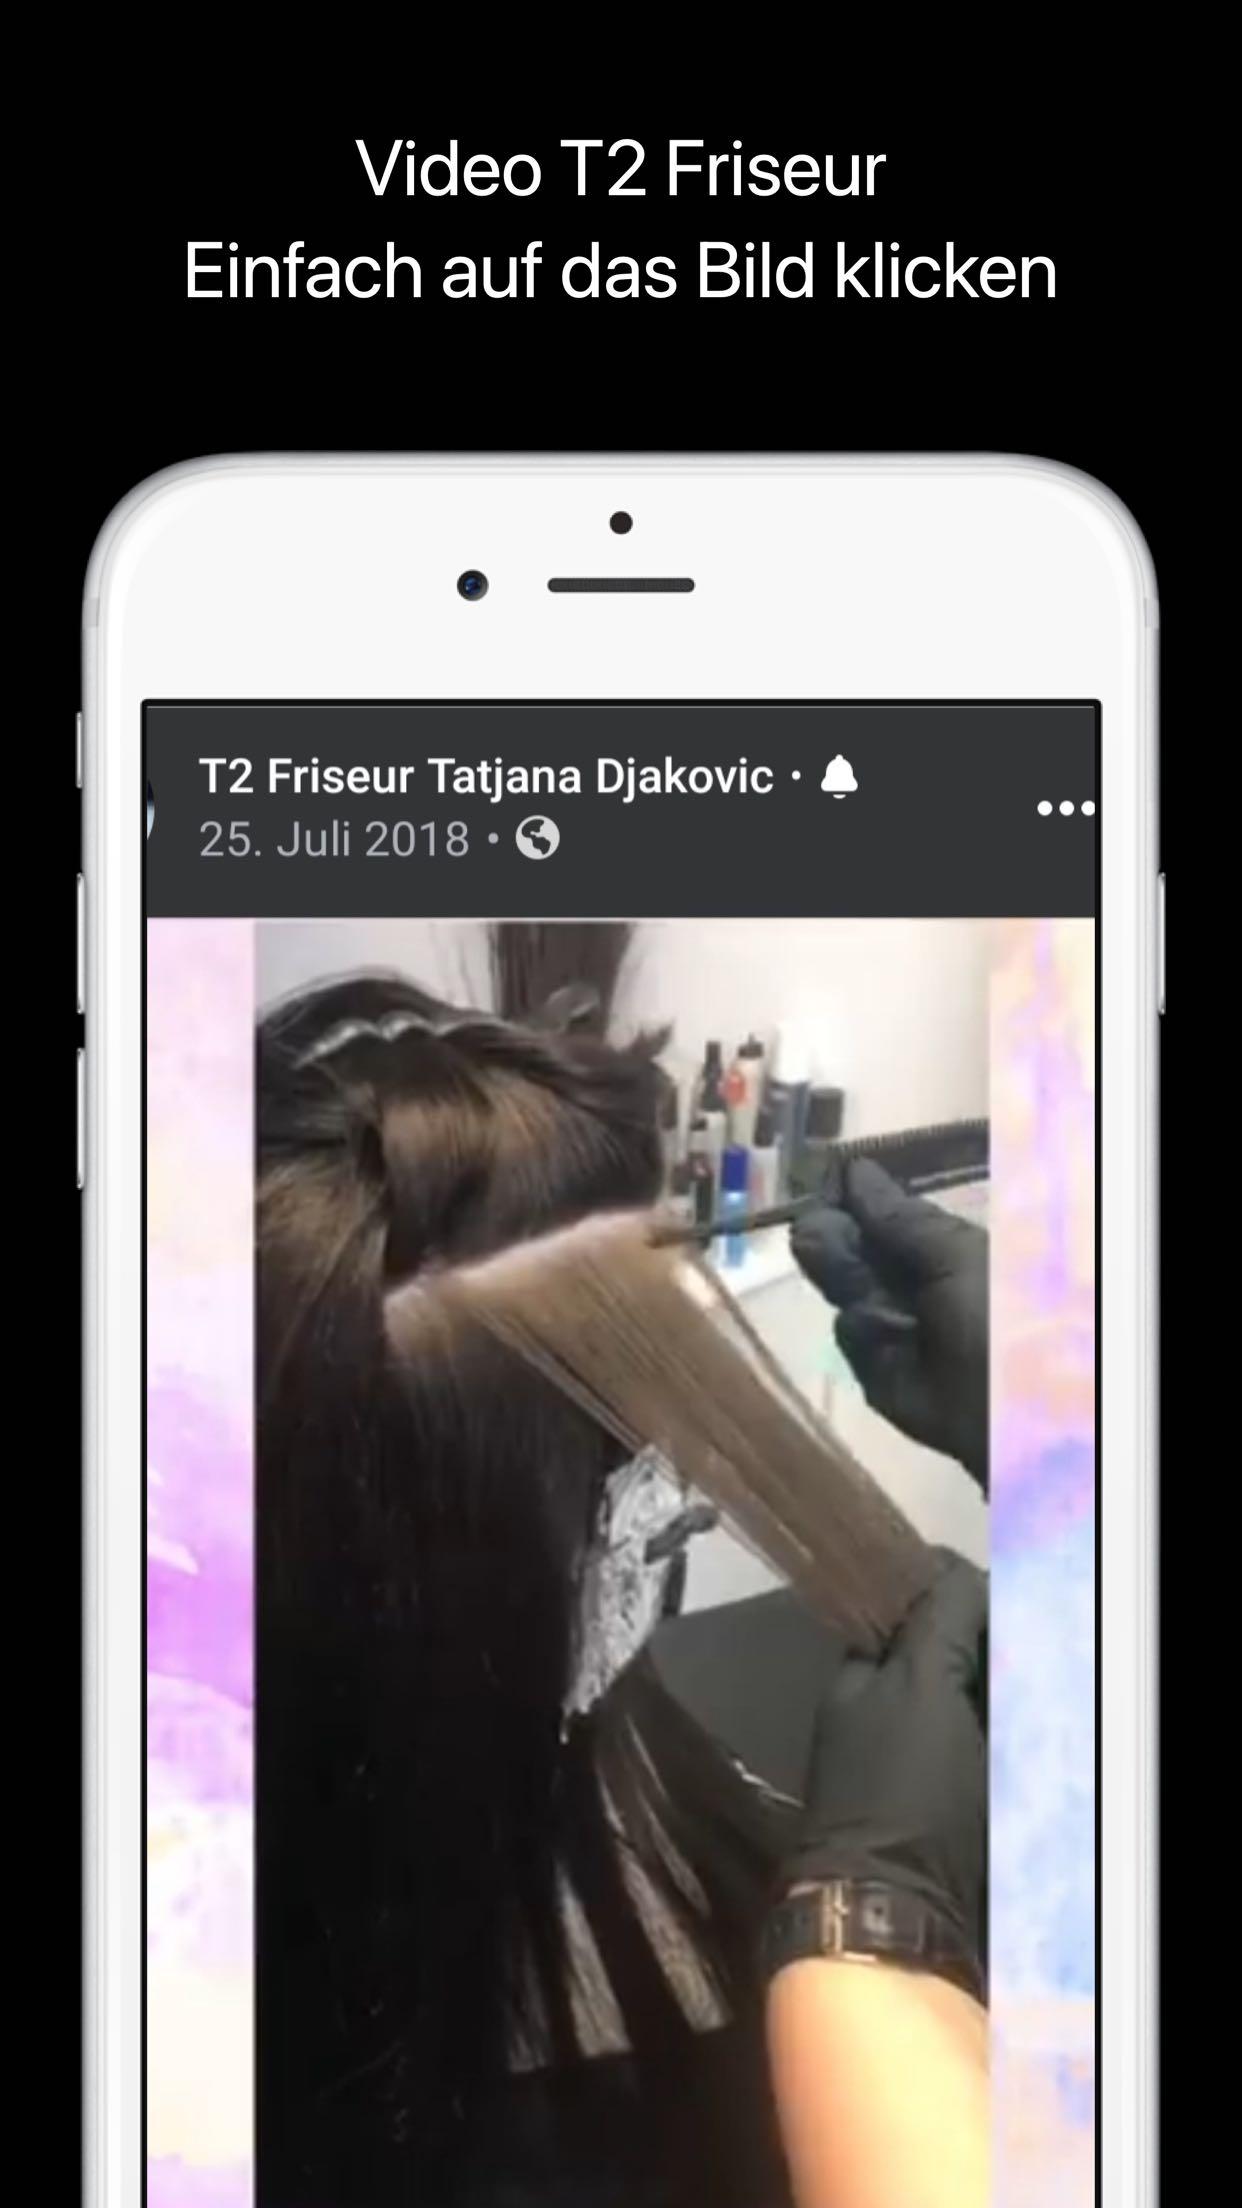 Facebook Video T2 Friseur